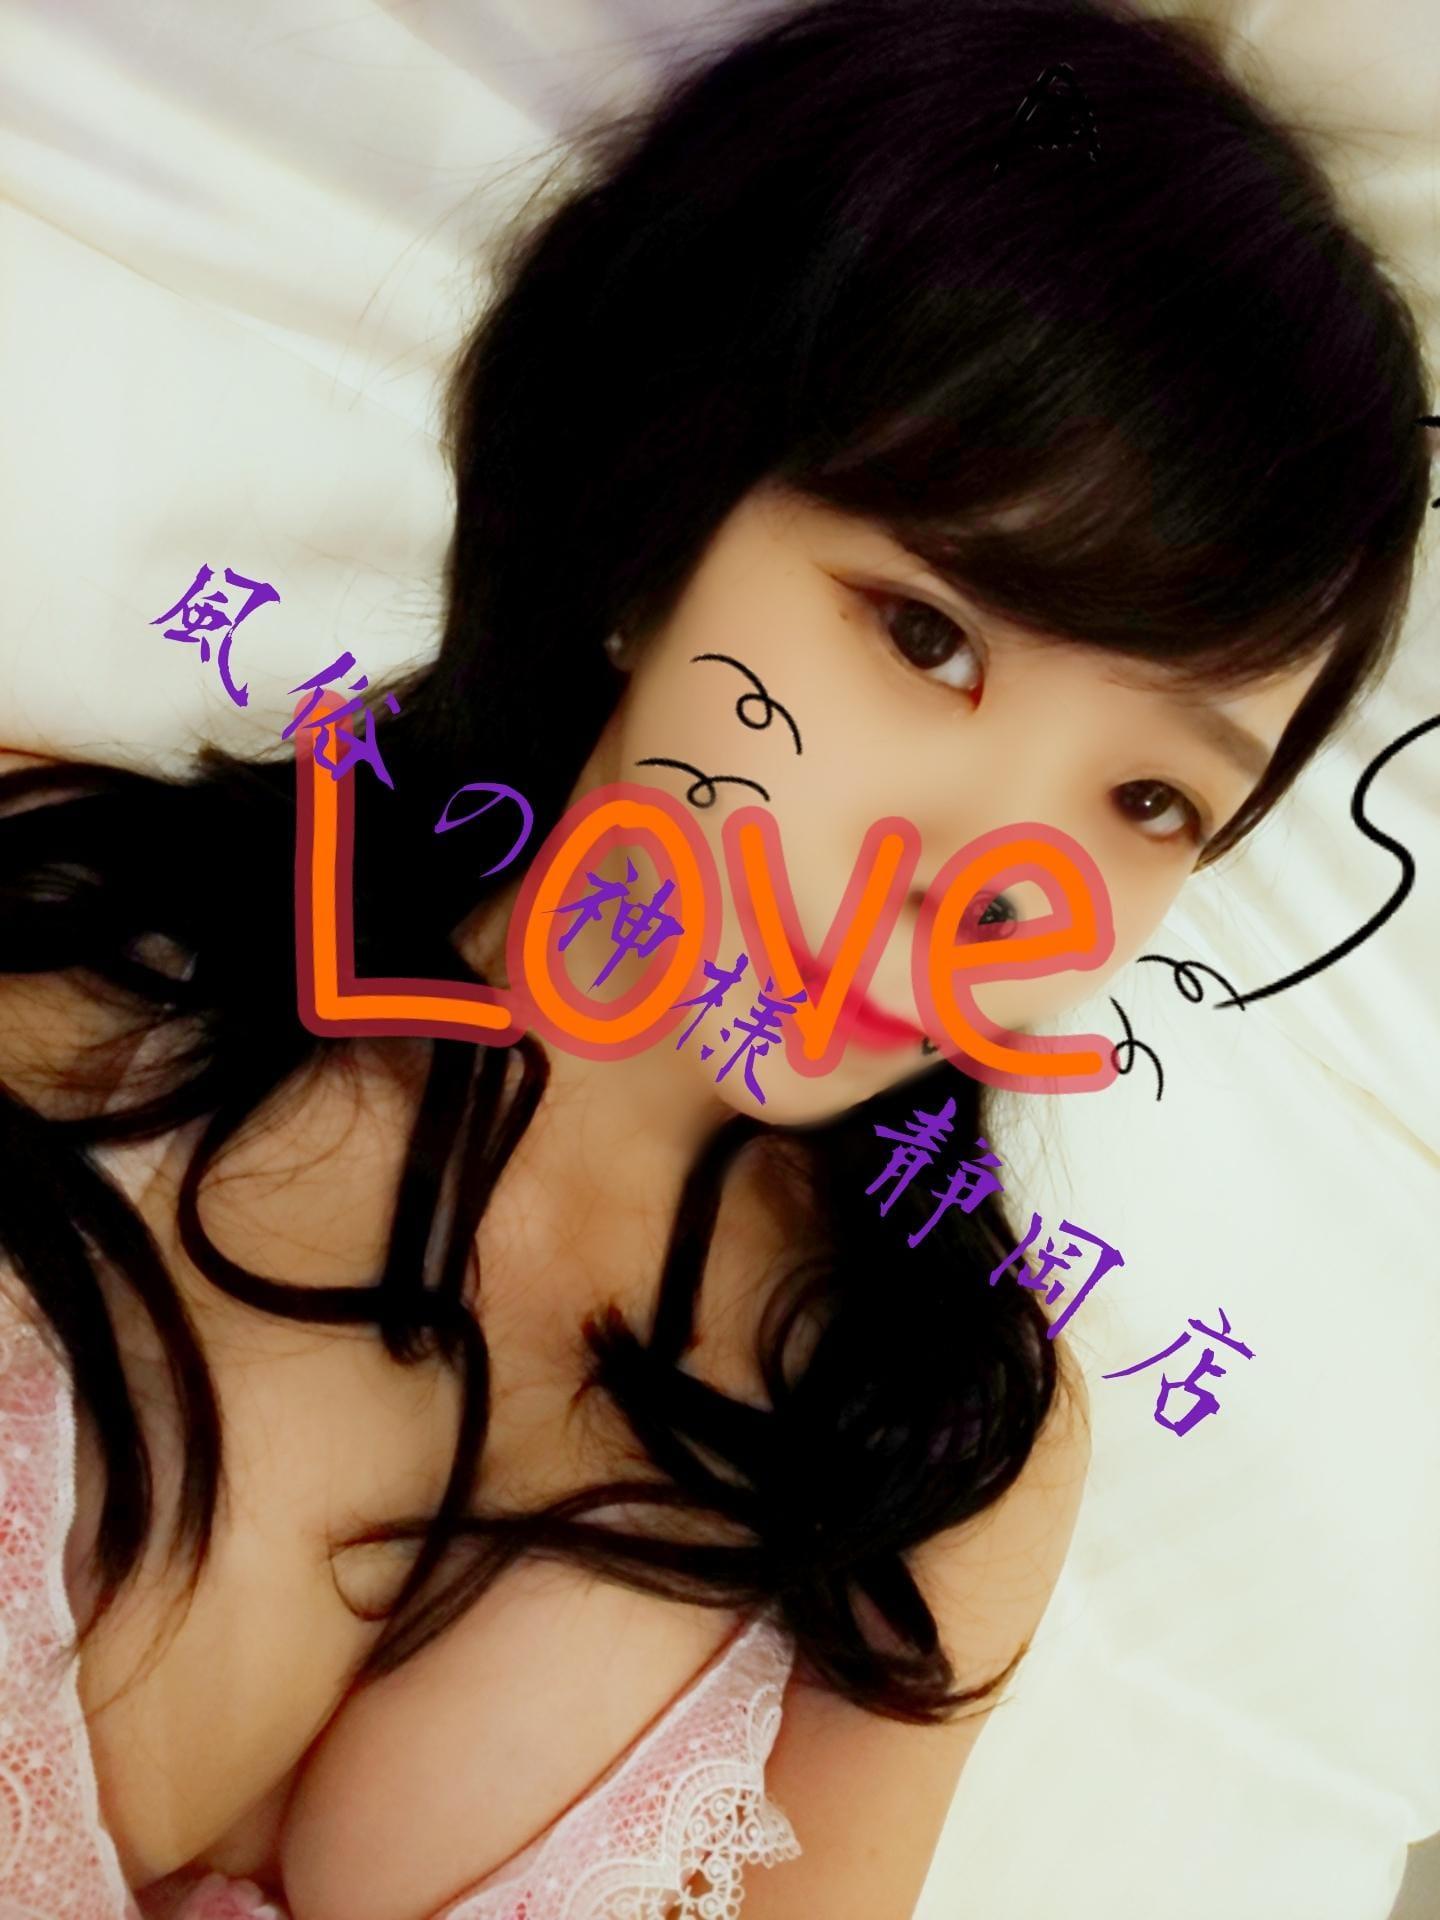 「風♡神☆Love  こんばんは」11/12(火) 20:14   らぶの写メ・風俗動画